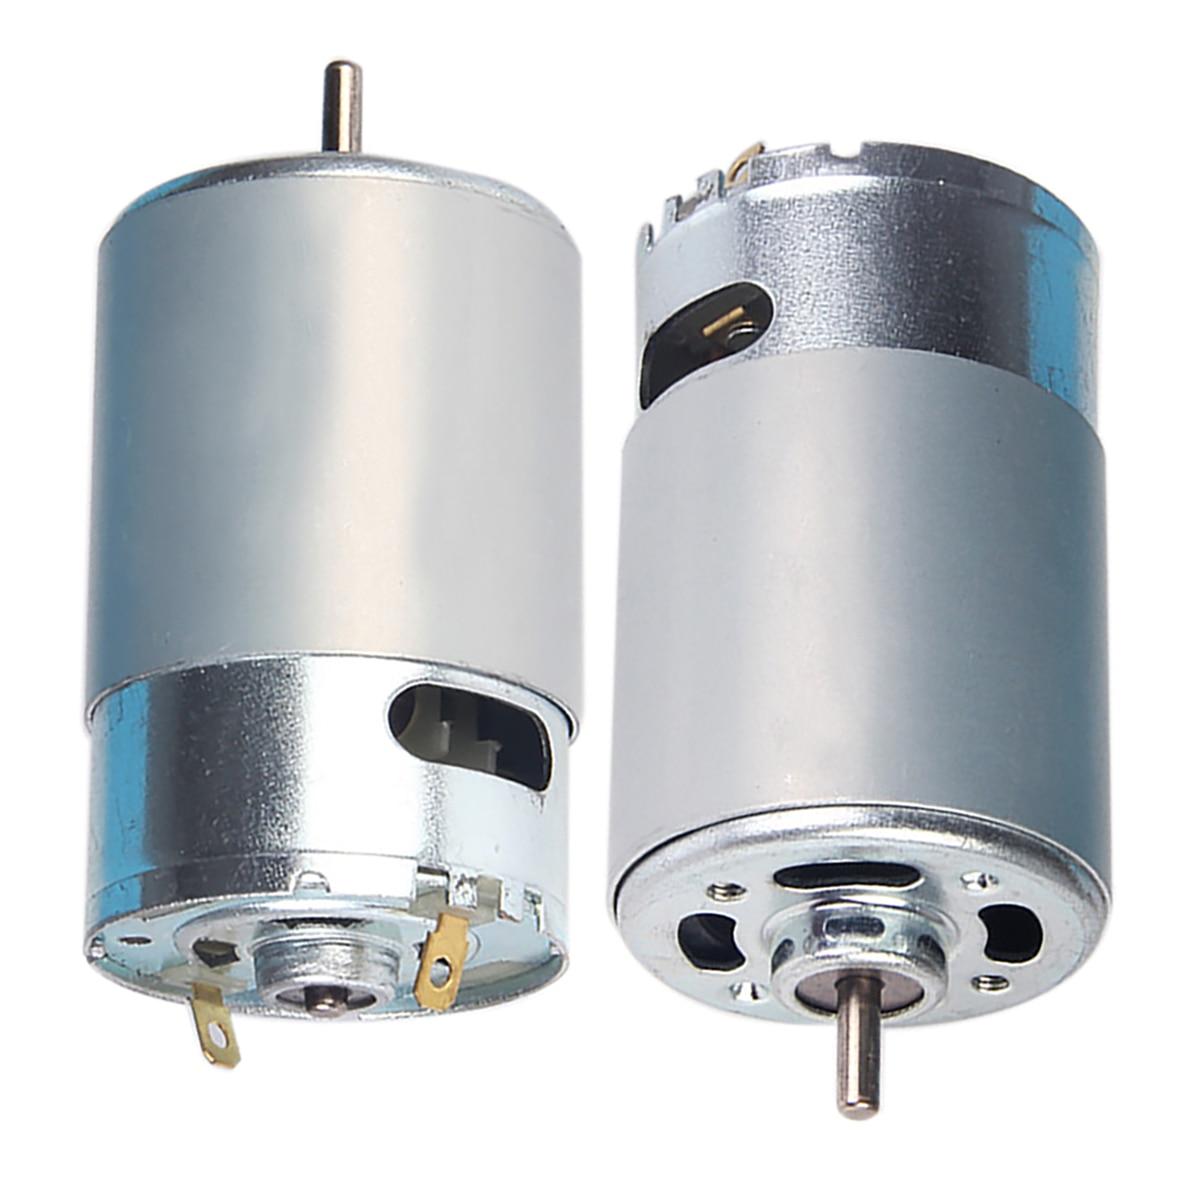 1 STÜCK Stabile RS-550 Motor 6-14,4 V Mini Elektrische Strommotoren Ersatz Für Verschiedene Akkuschrauber Handbohrmaschine Mayitr